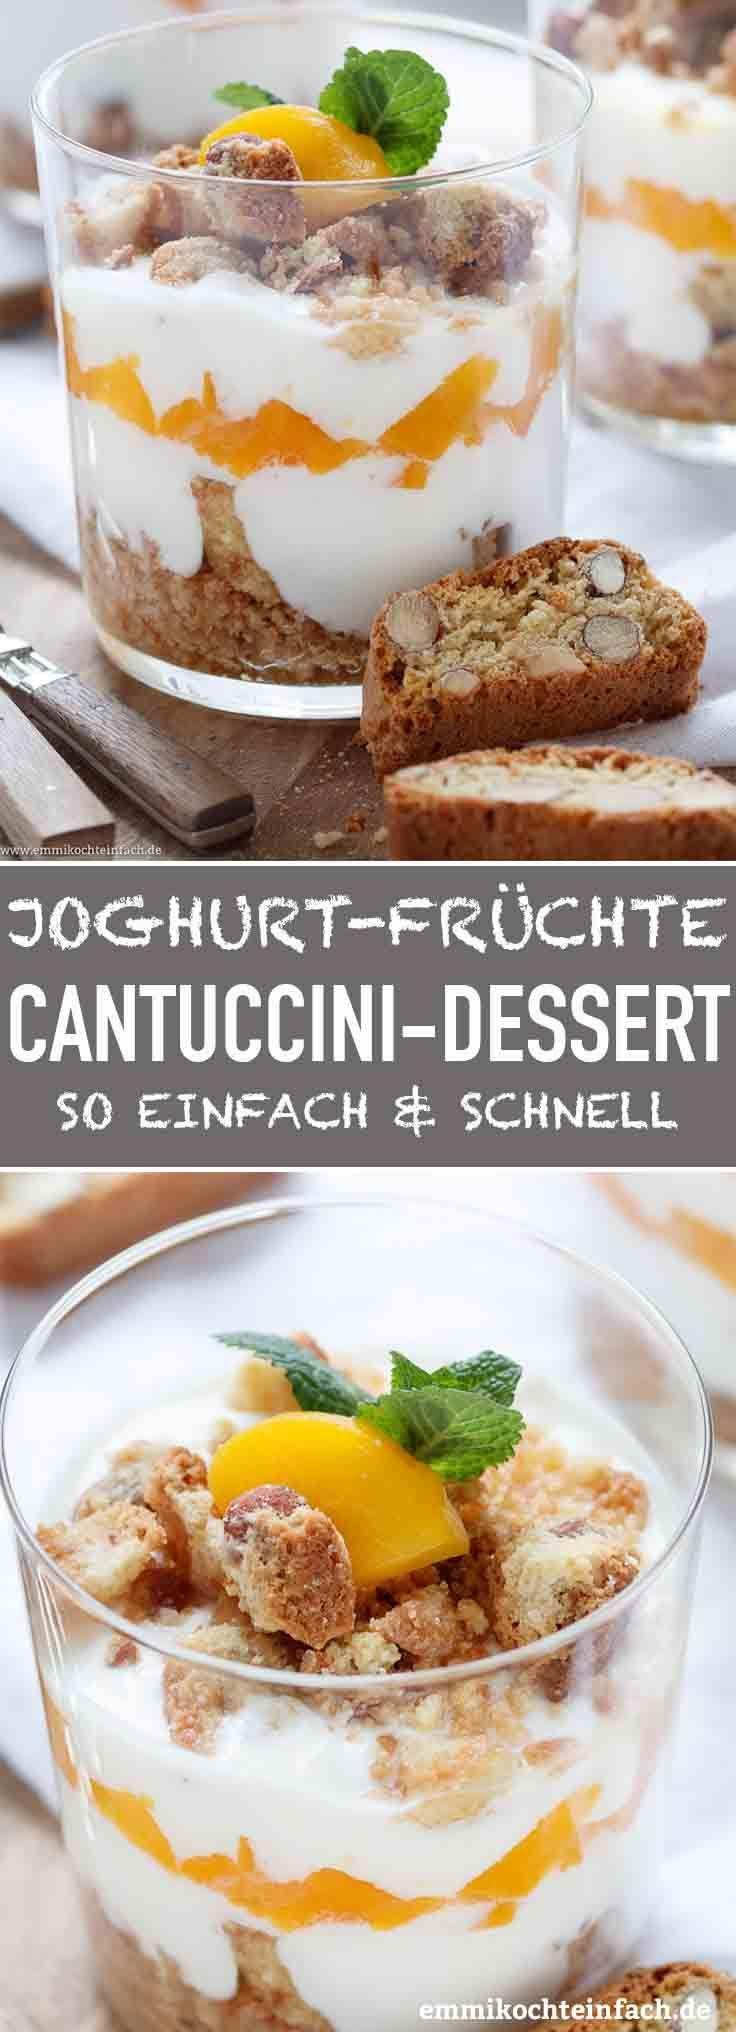 Joghurt Cantuccini Dessert mit Pfirsichen   - emmikochteinfach - Der Food-Blog mit einfachen Rezepten, die gelingen -